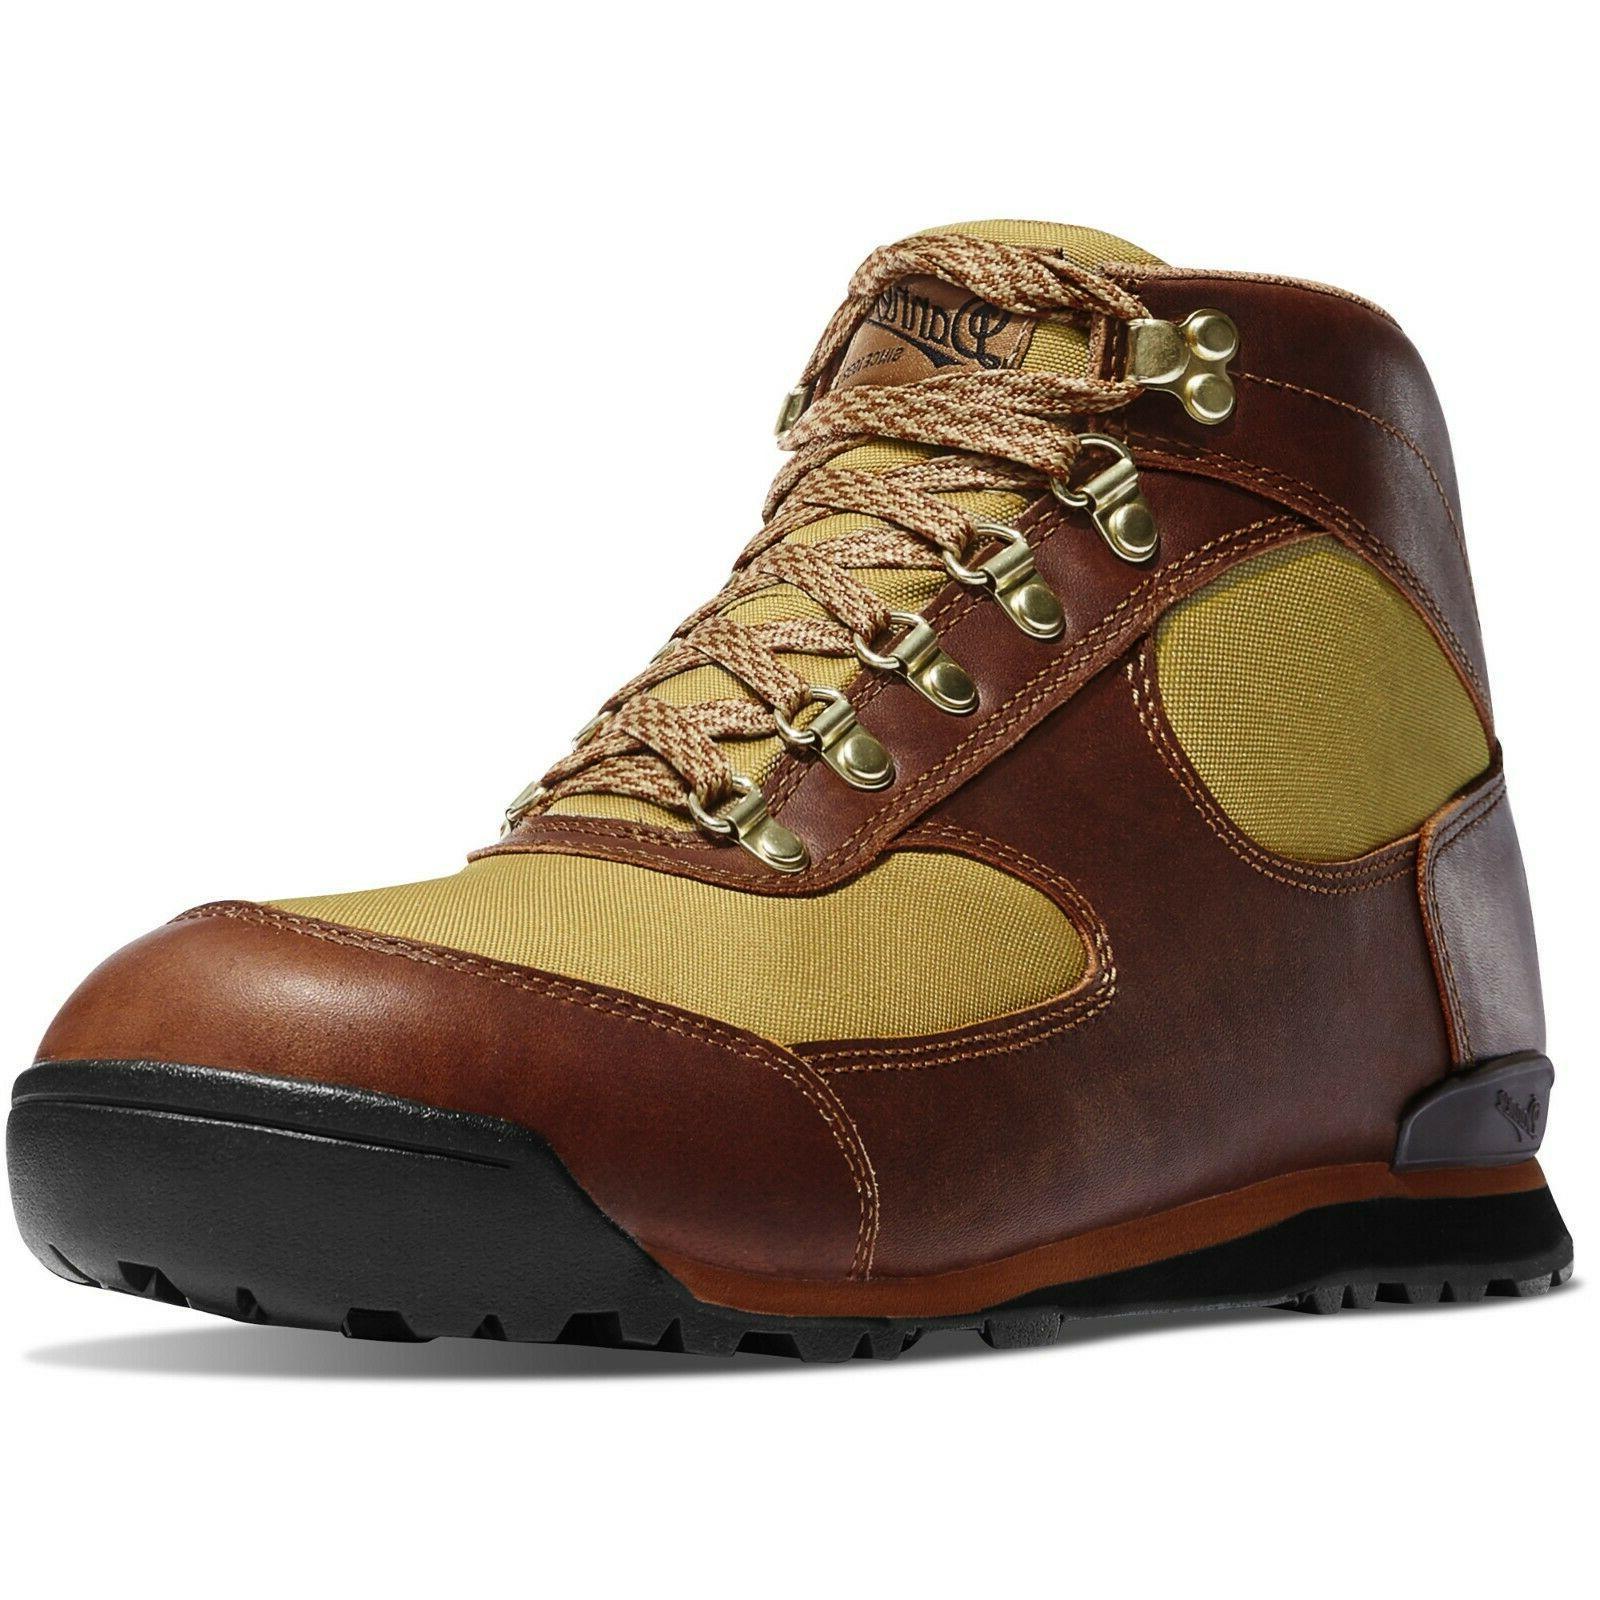 Danner Jag Waterproof Hiking Brown/Khaki